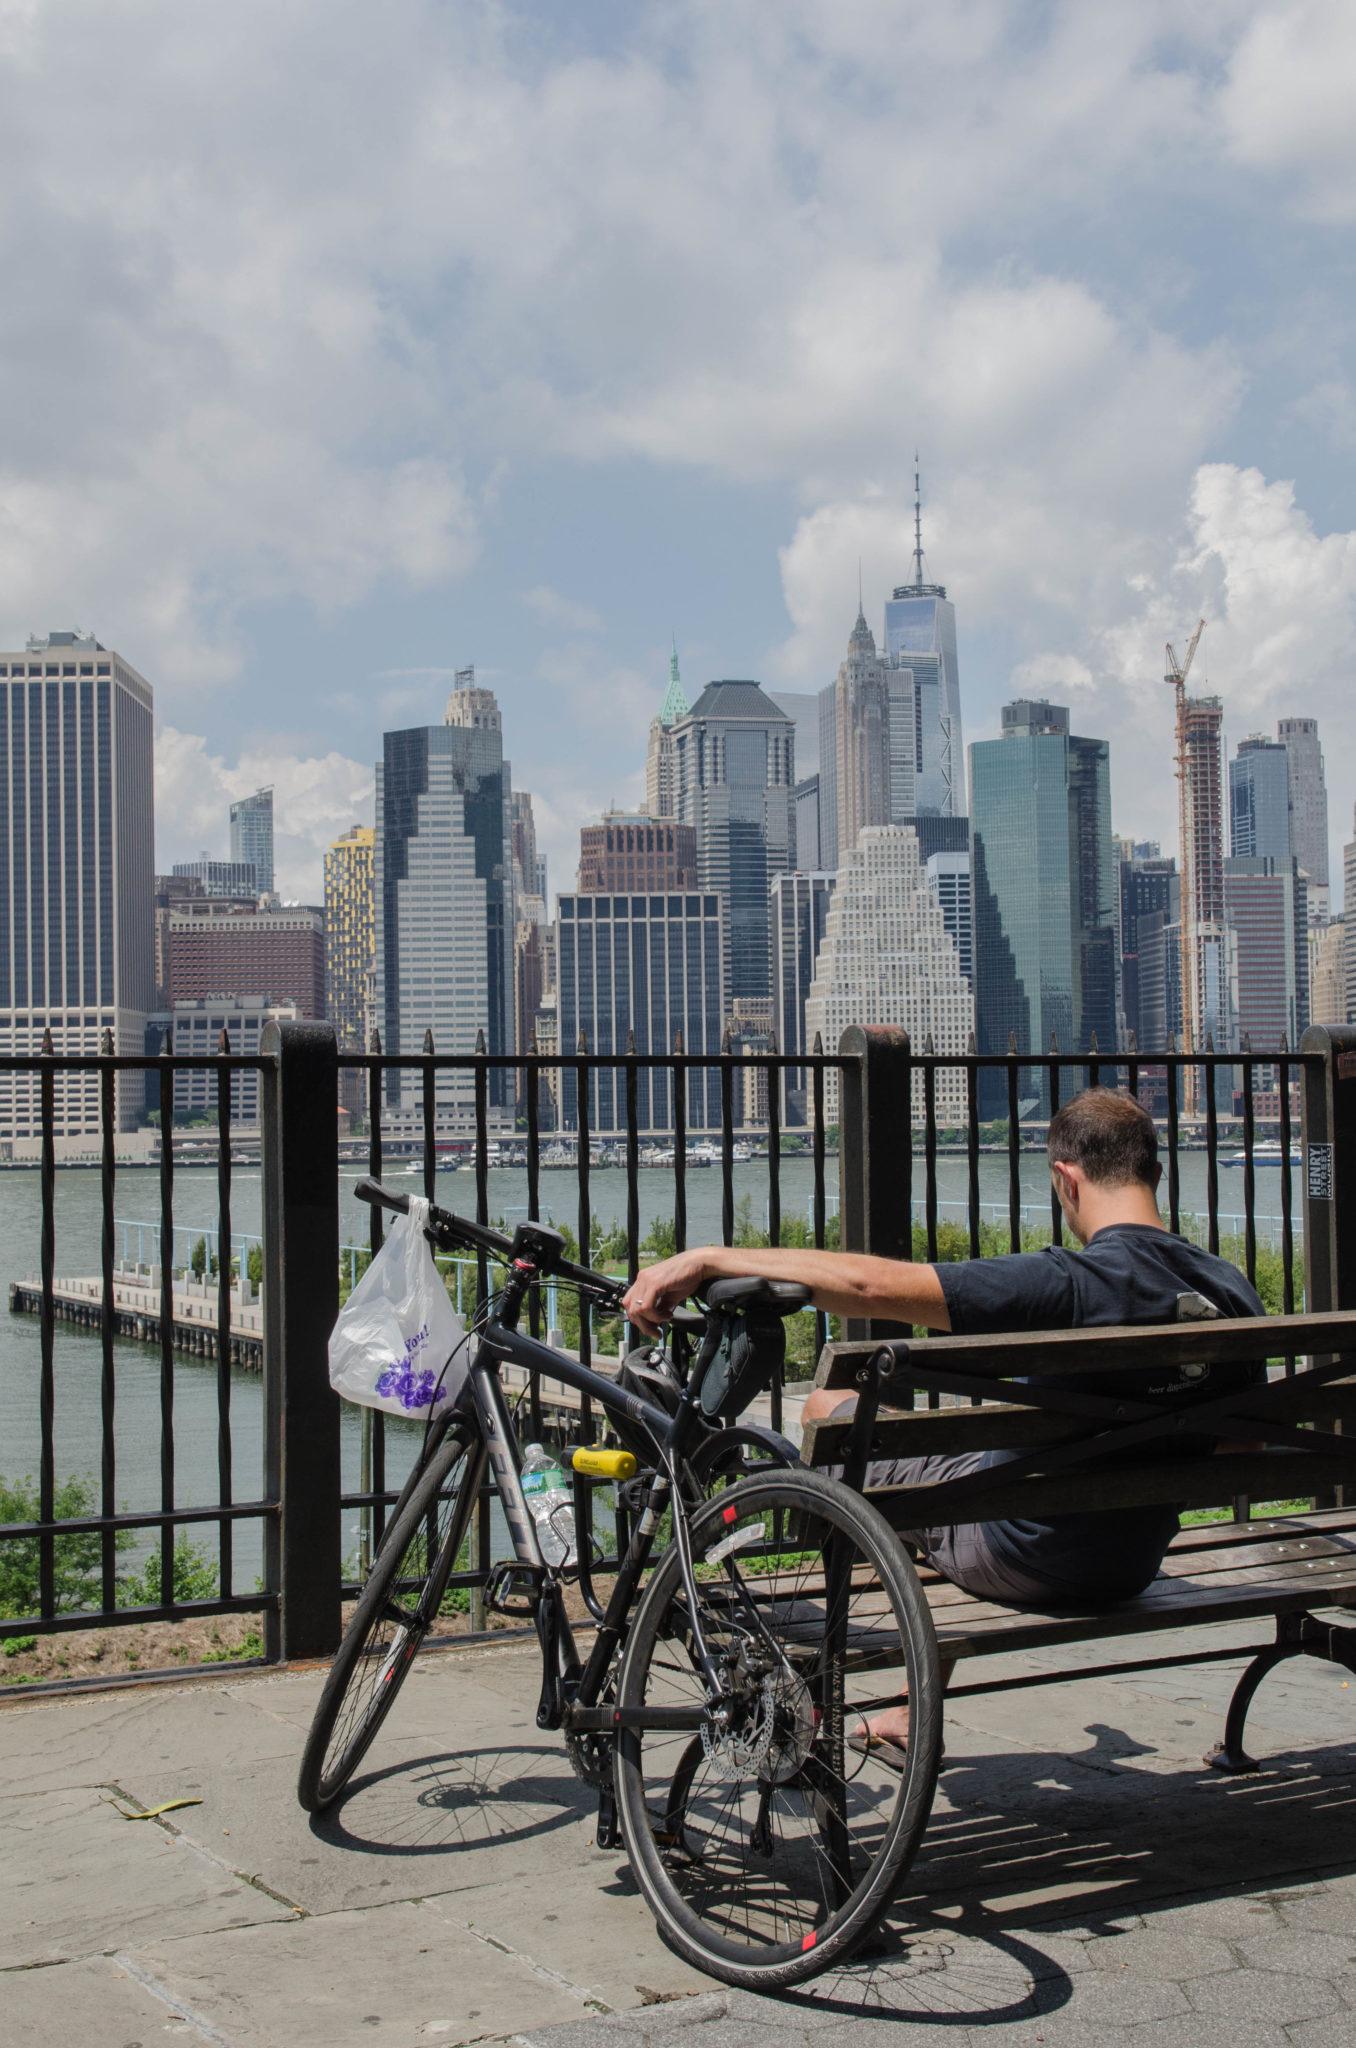 Mann mit Fahrrad vor der Skyline von New York